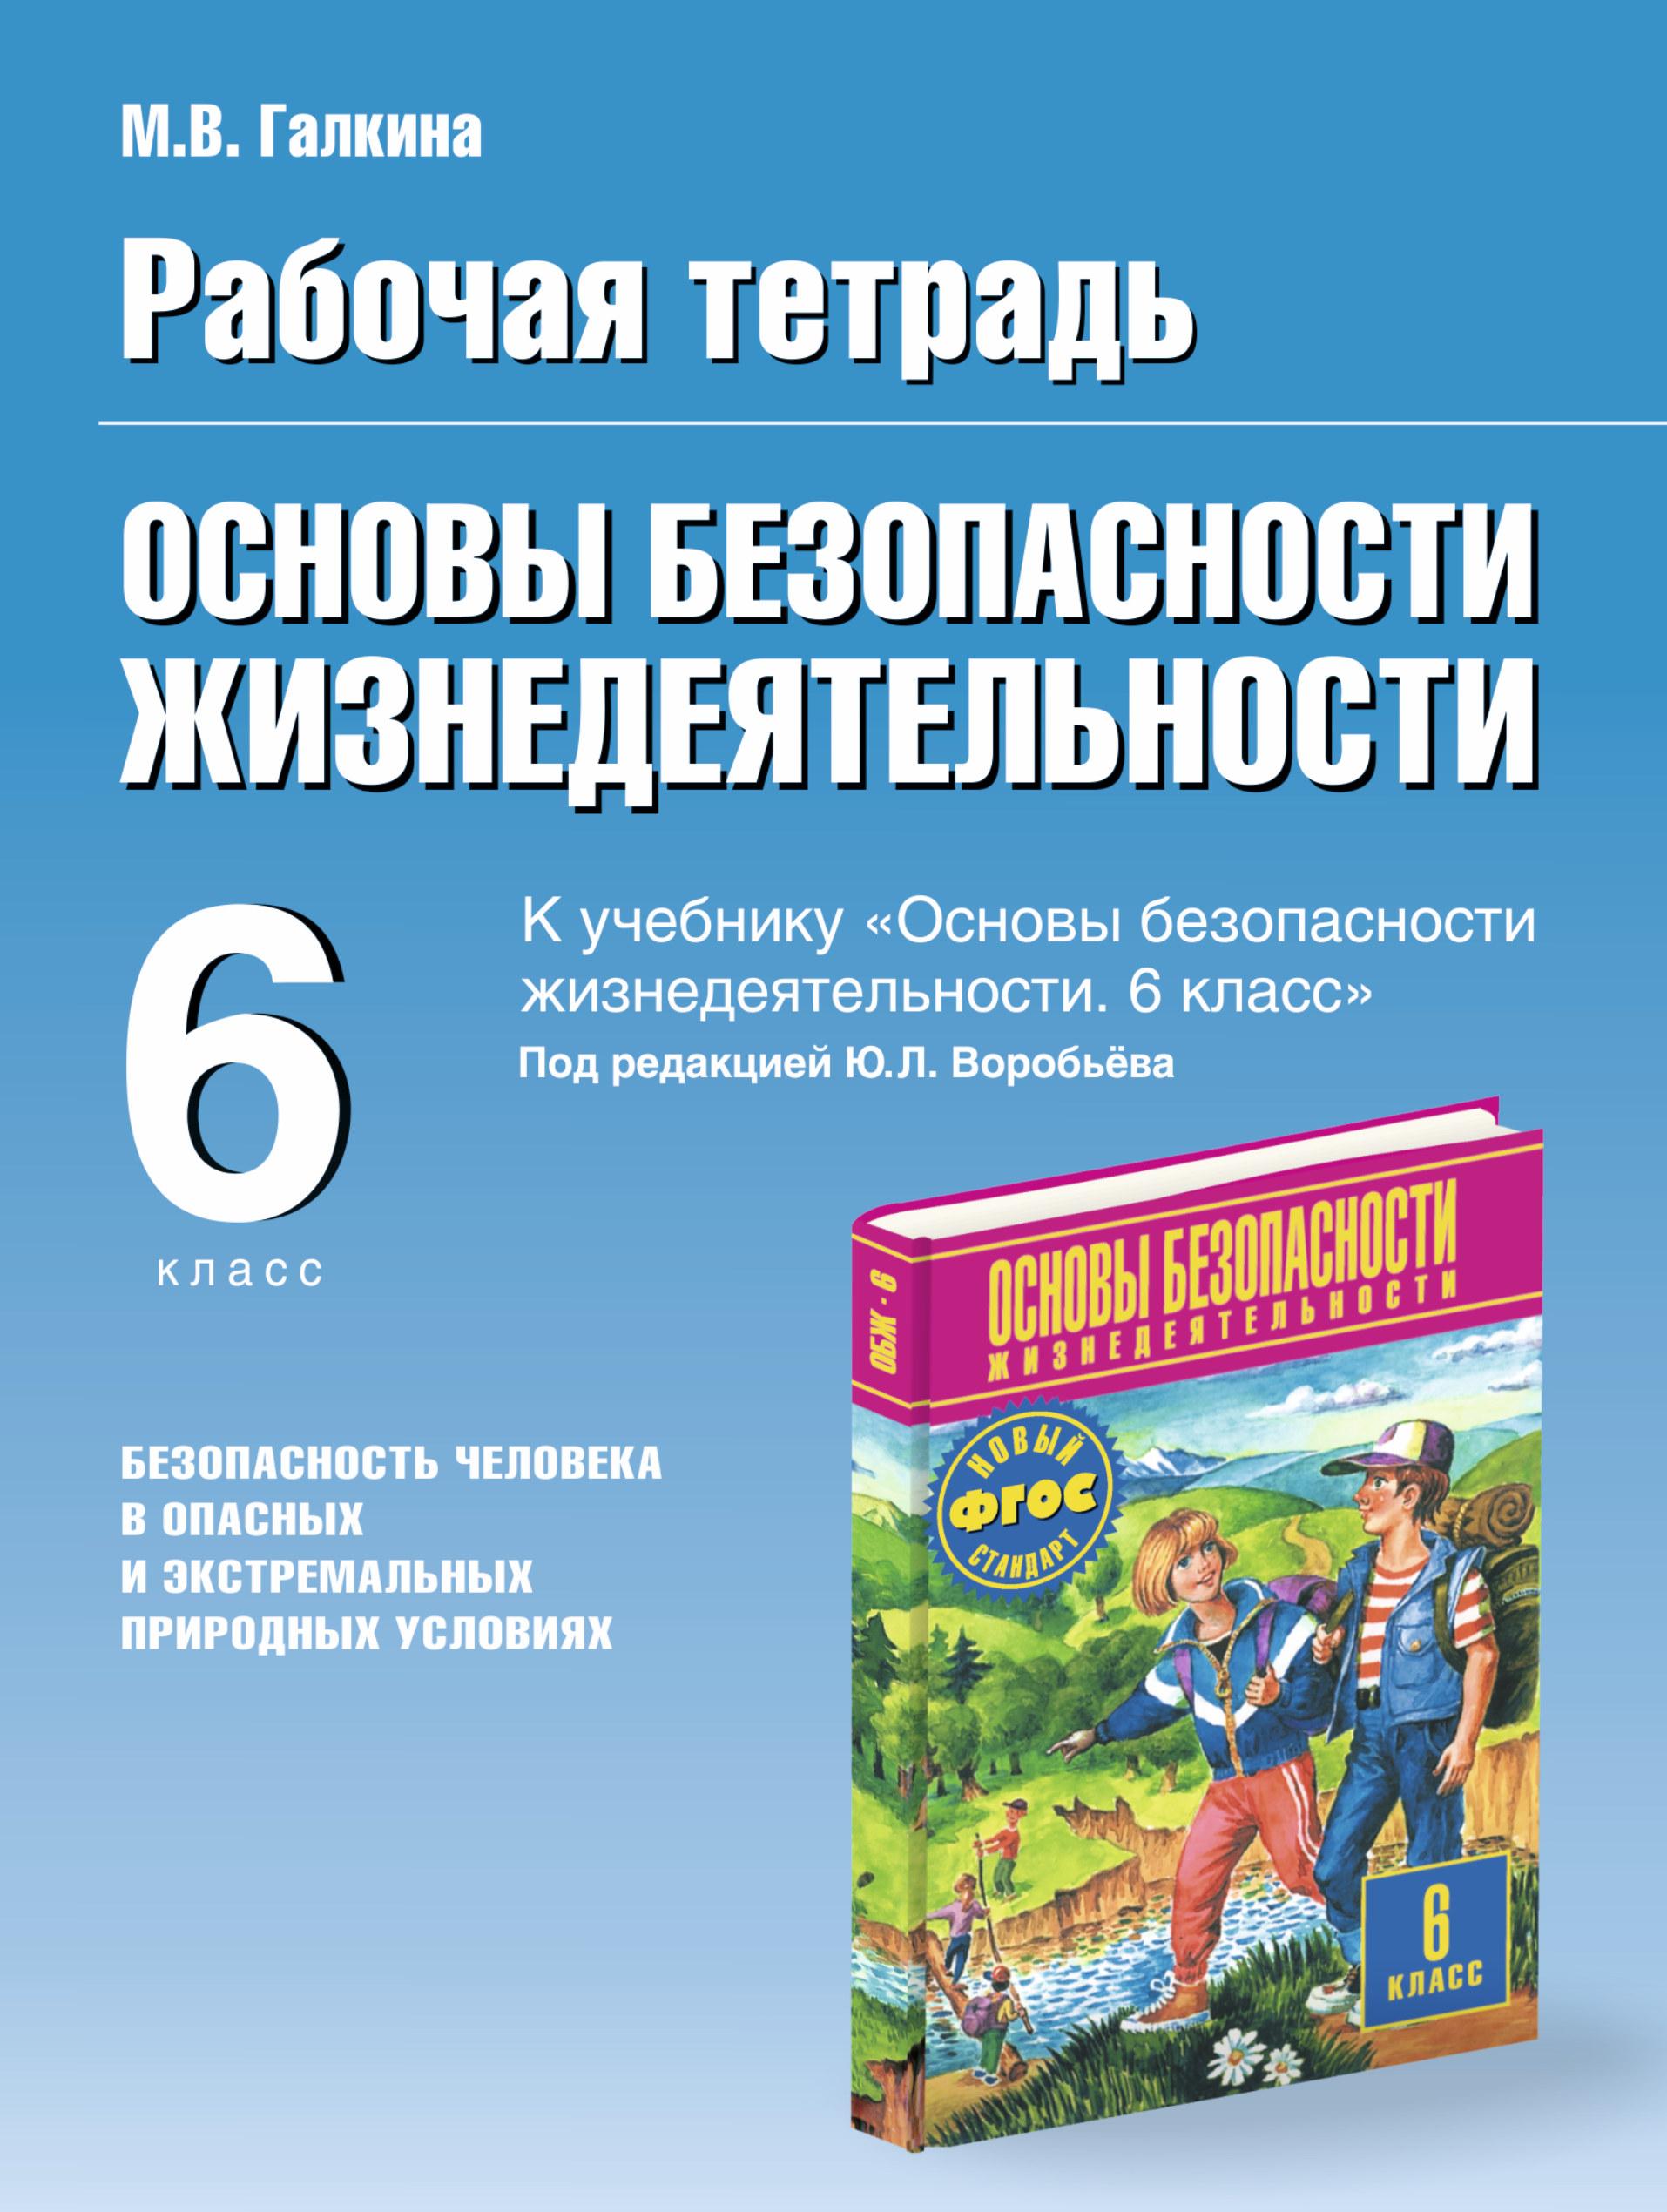 Основы безопасности жизнедеятельности. 6 класс. Рабочая тетрадь к учебнику под редакцией Ю. Л. Воробьева